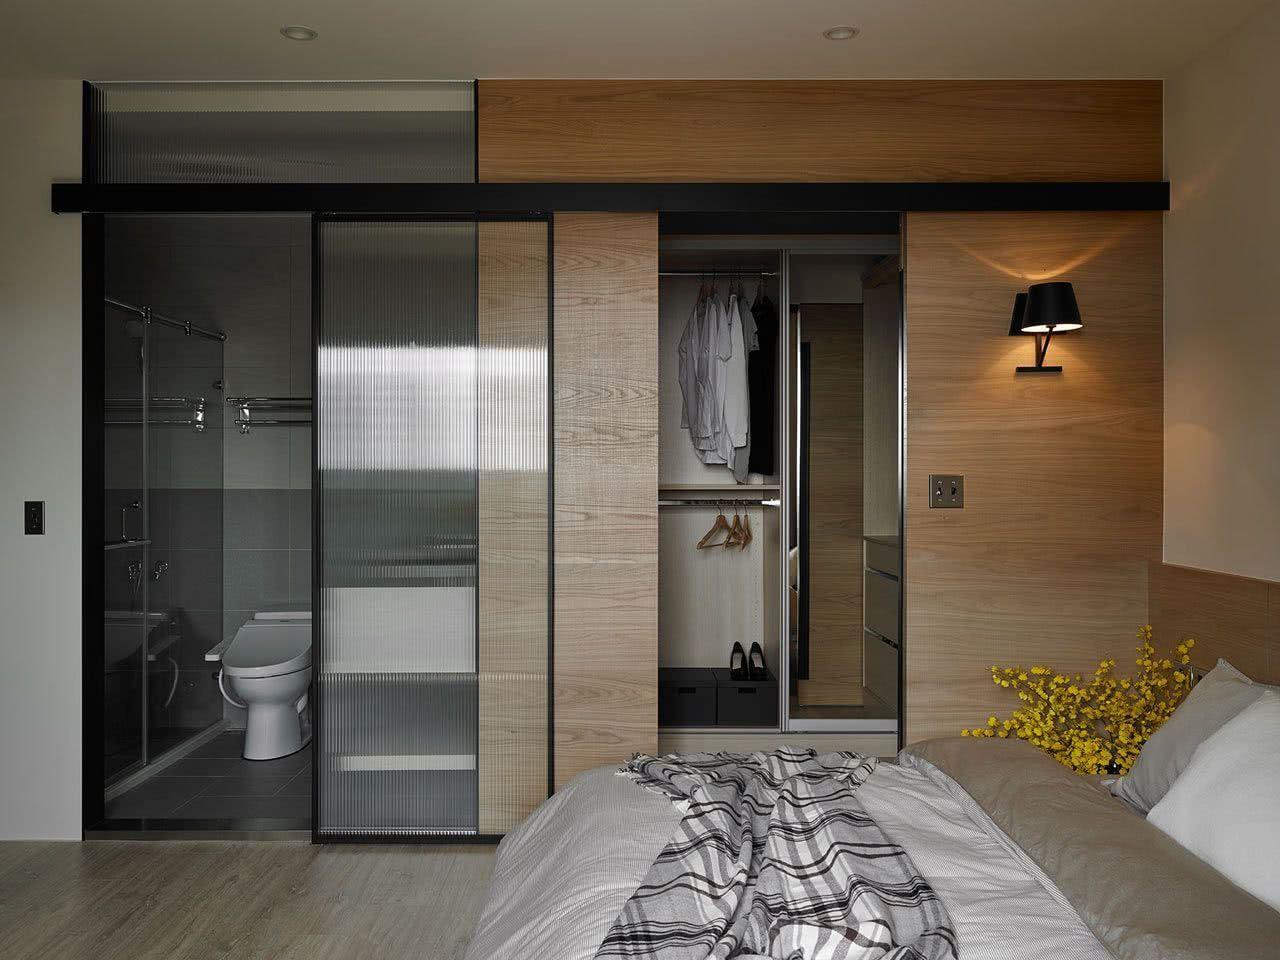 image35 | Раздвижные двери в интерьере преимущества использования и готовые решения